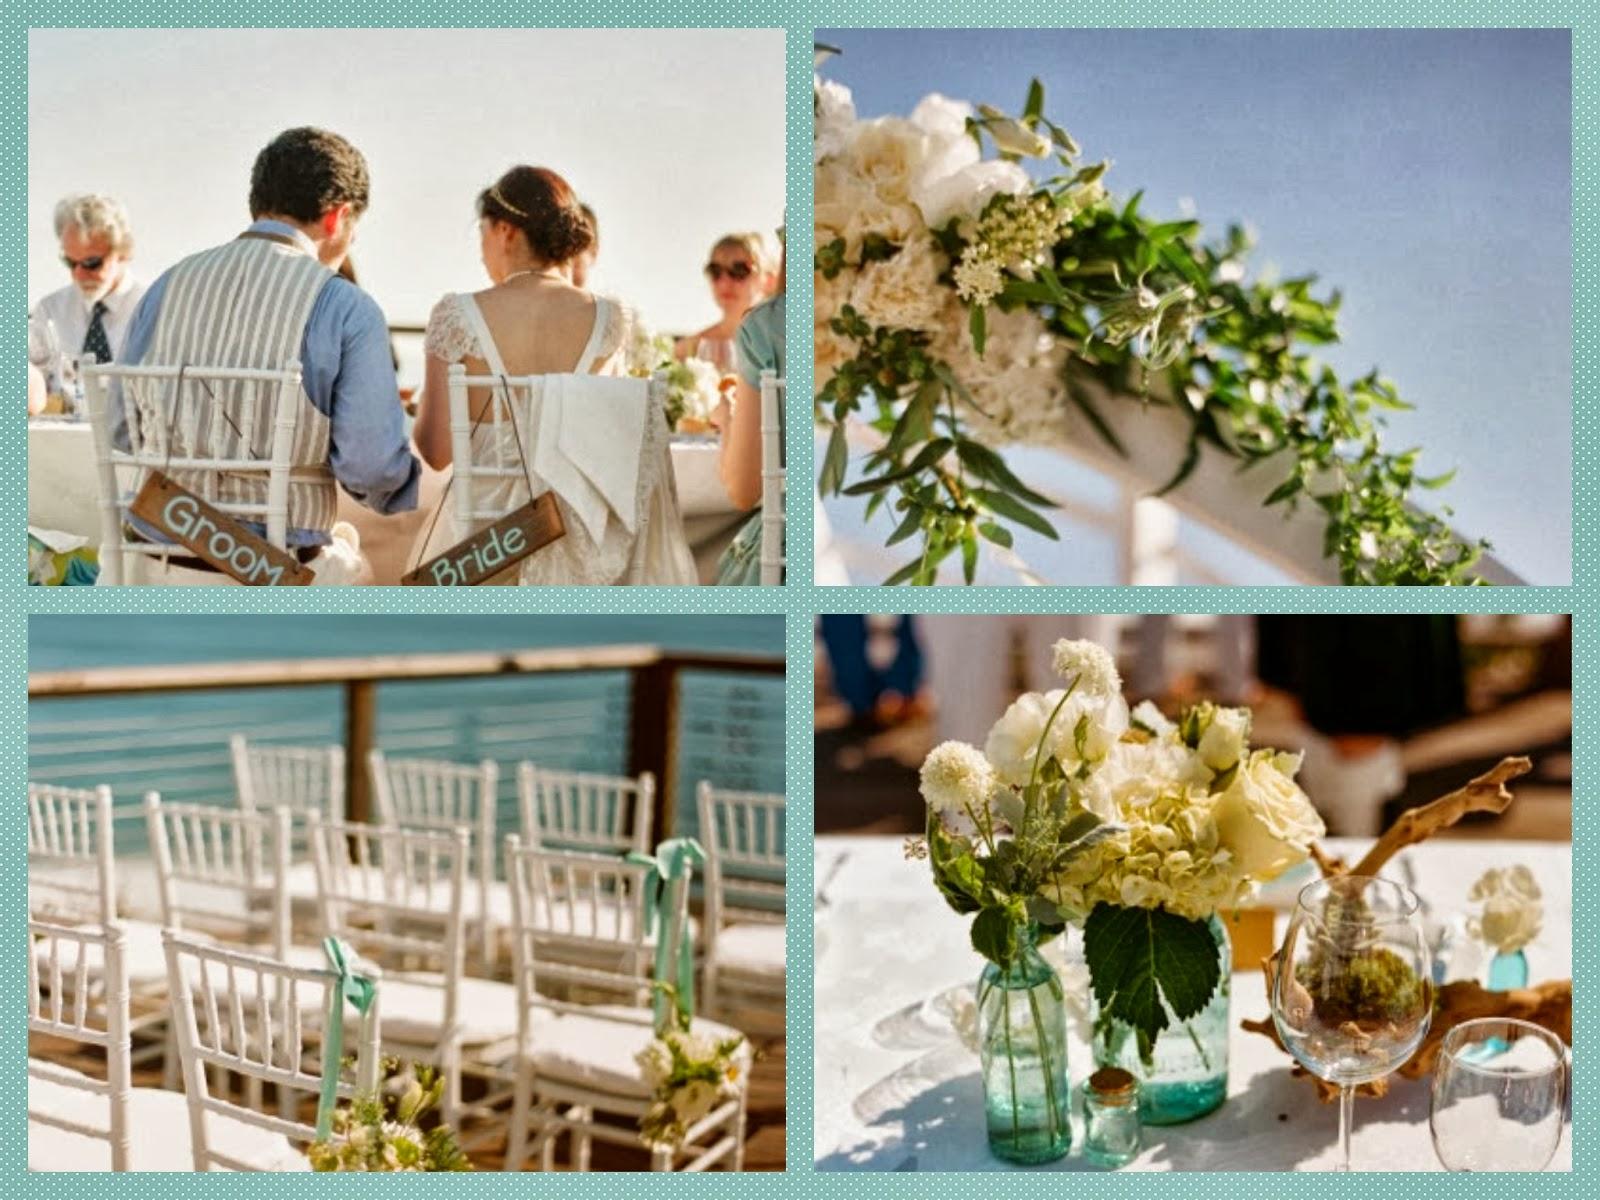 Decora??o de casamento ao ar livre - Dekoratie - Blog de ...